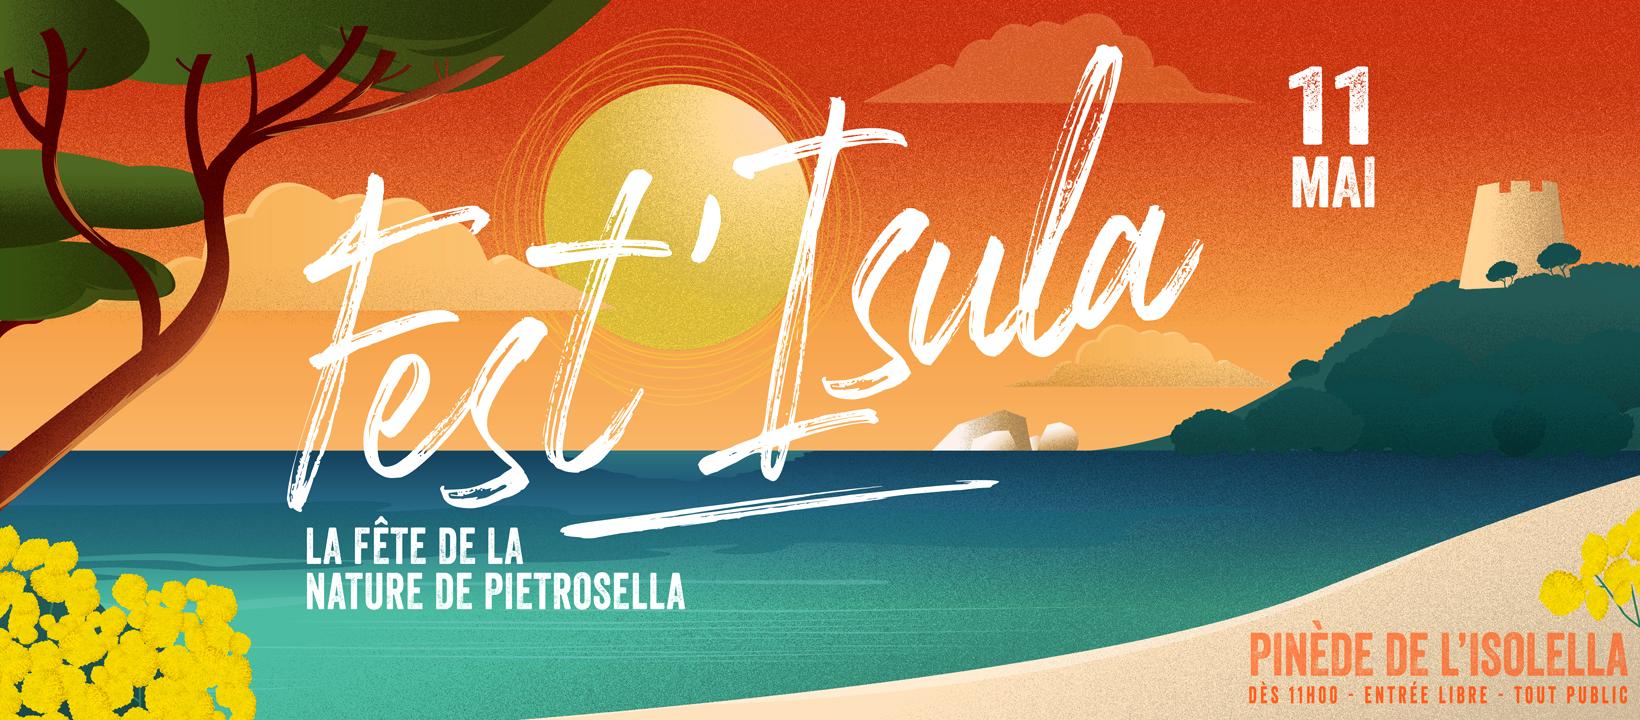 Fest'Isula : la fête de la nature de Pietrosella - 11 mai 2019